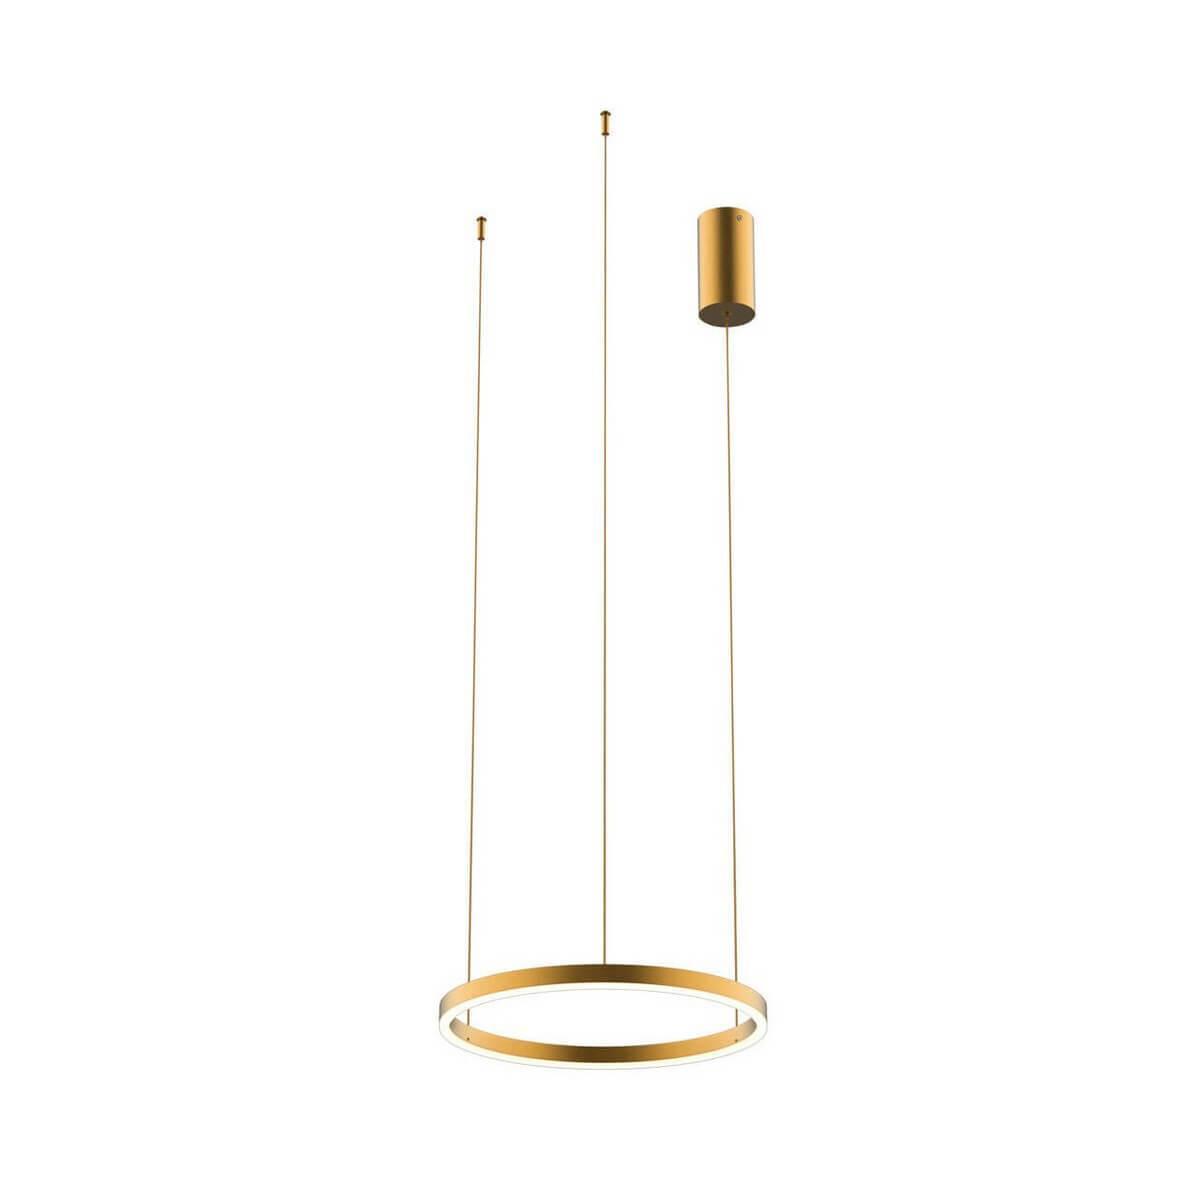 цены на Подвесной светильник Kink Light 08212,33P(3000K), LED, 24 Вт  в интернет-магазинах